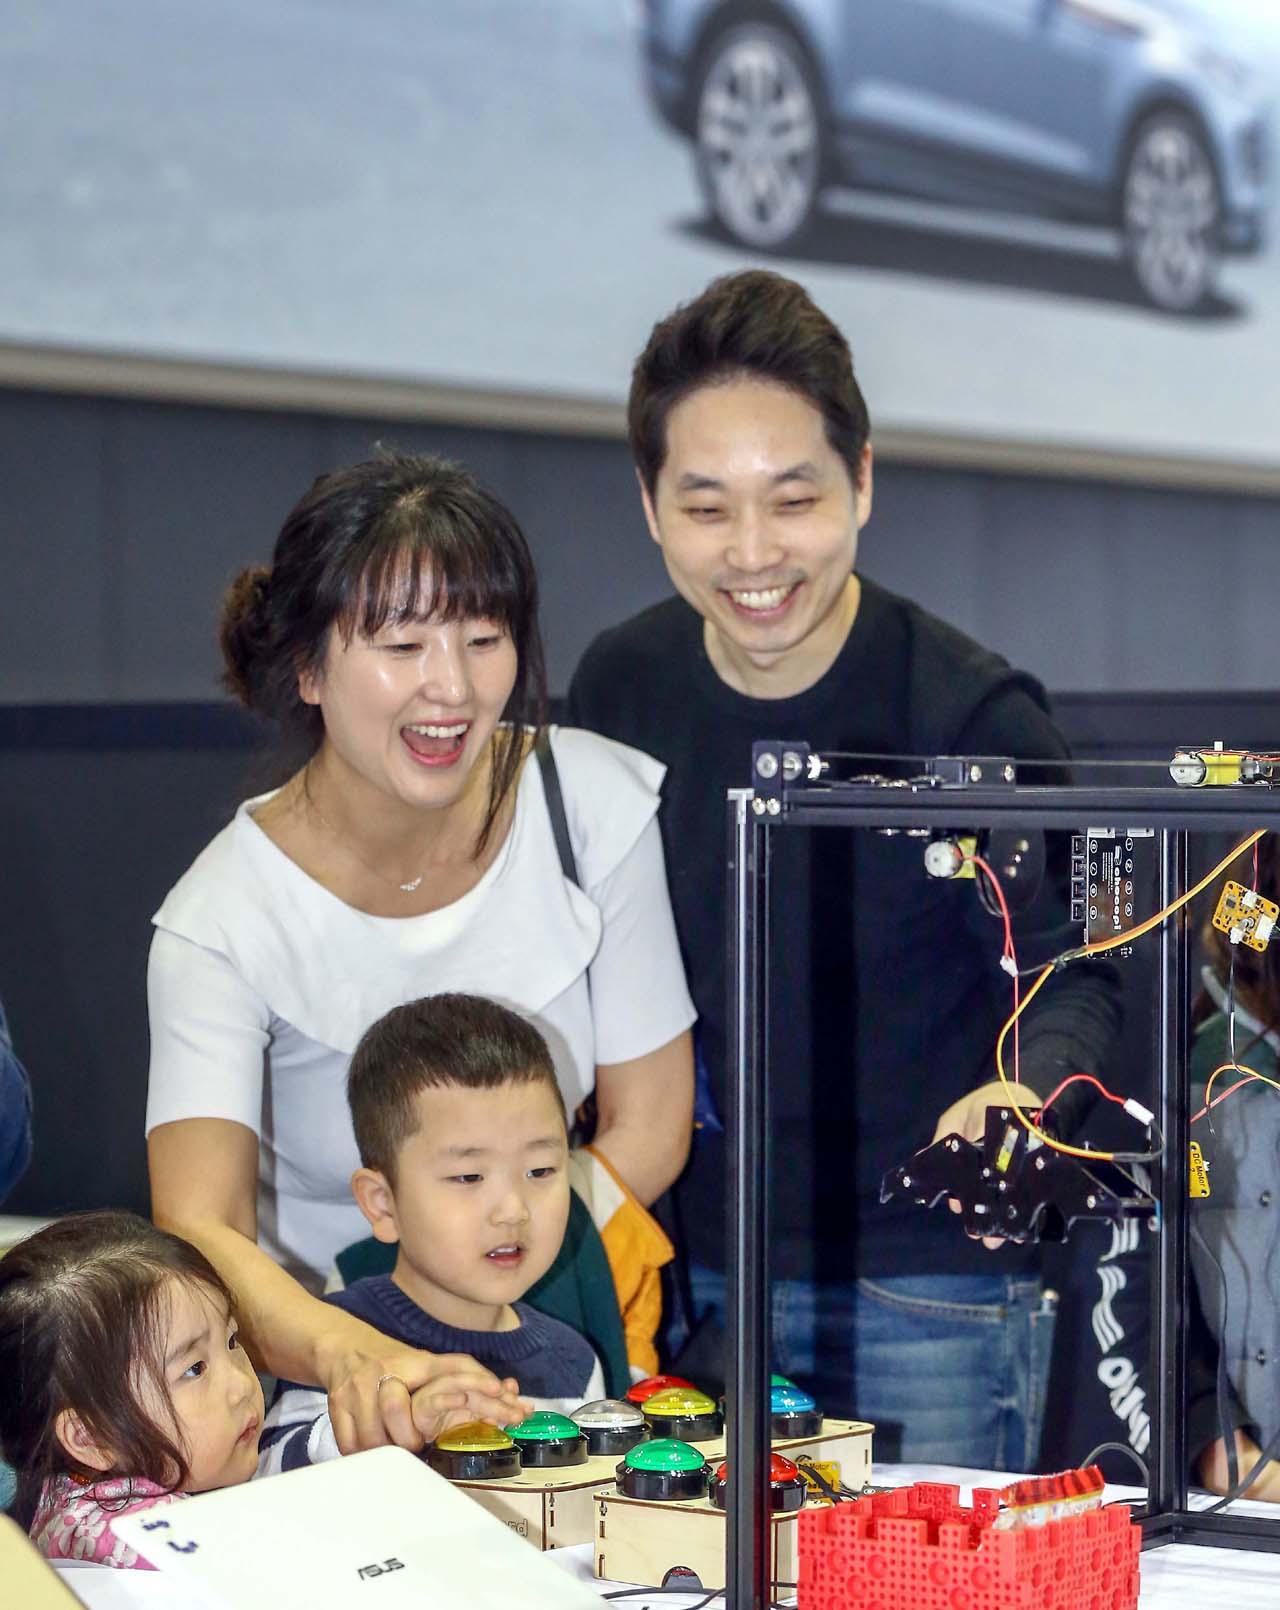 사진자료2. 2019 로봇과 함께하는 소프트웨어 페스티벌